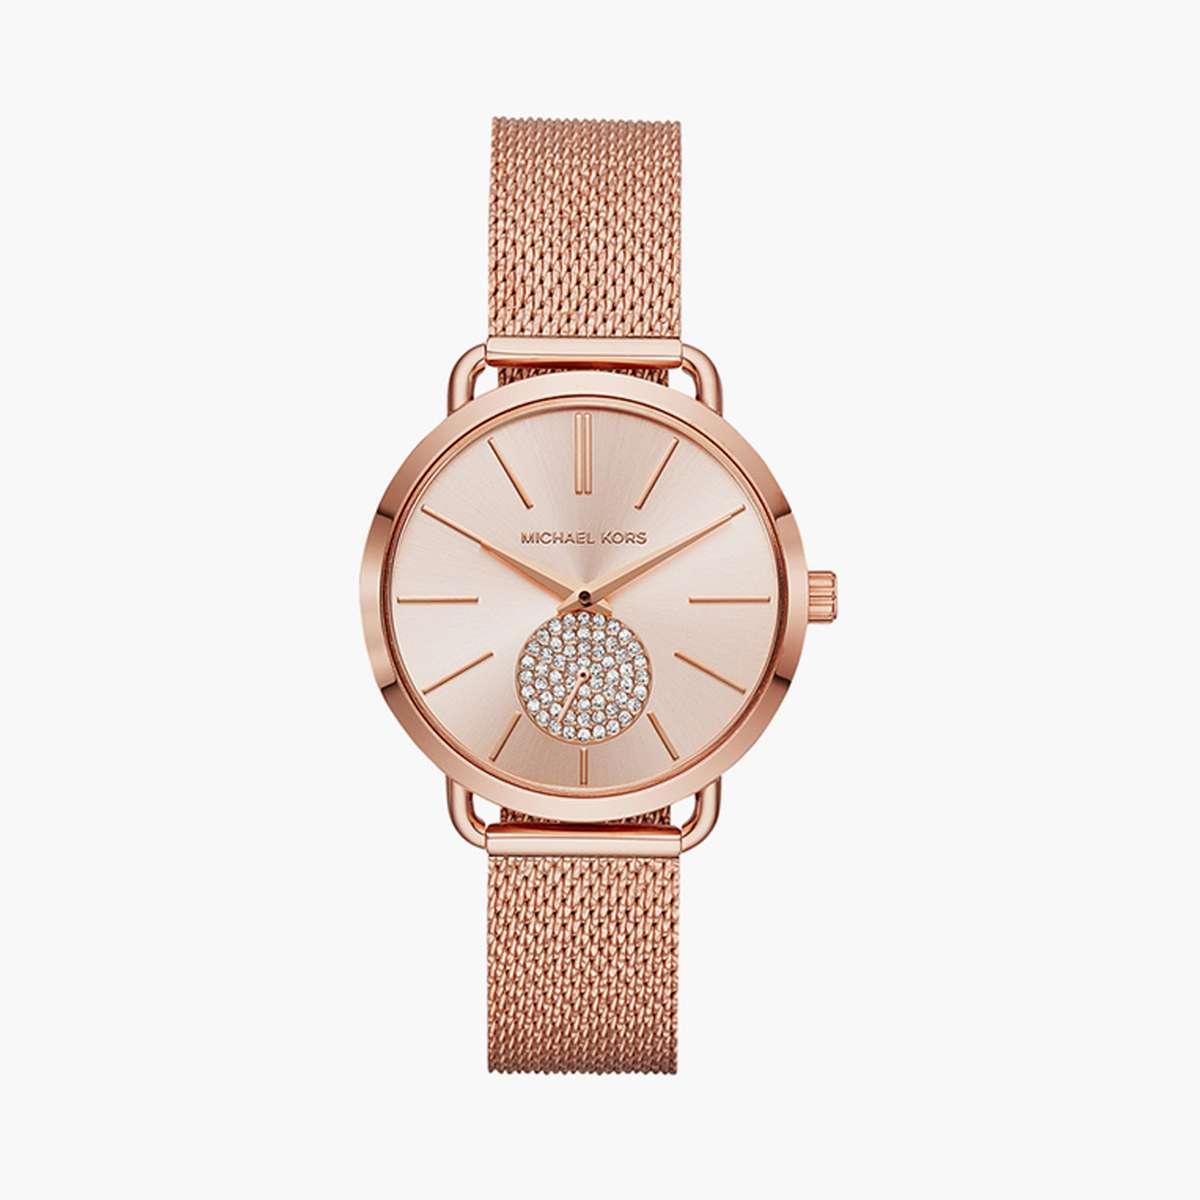 1.MICHAEL KORS Women Embellished Analog Watch- MK3845